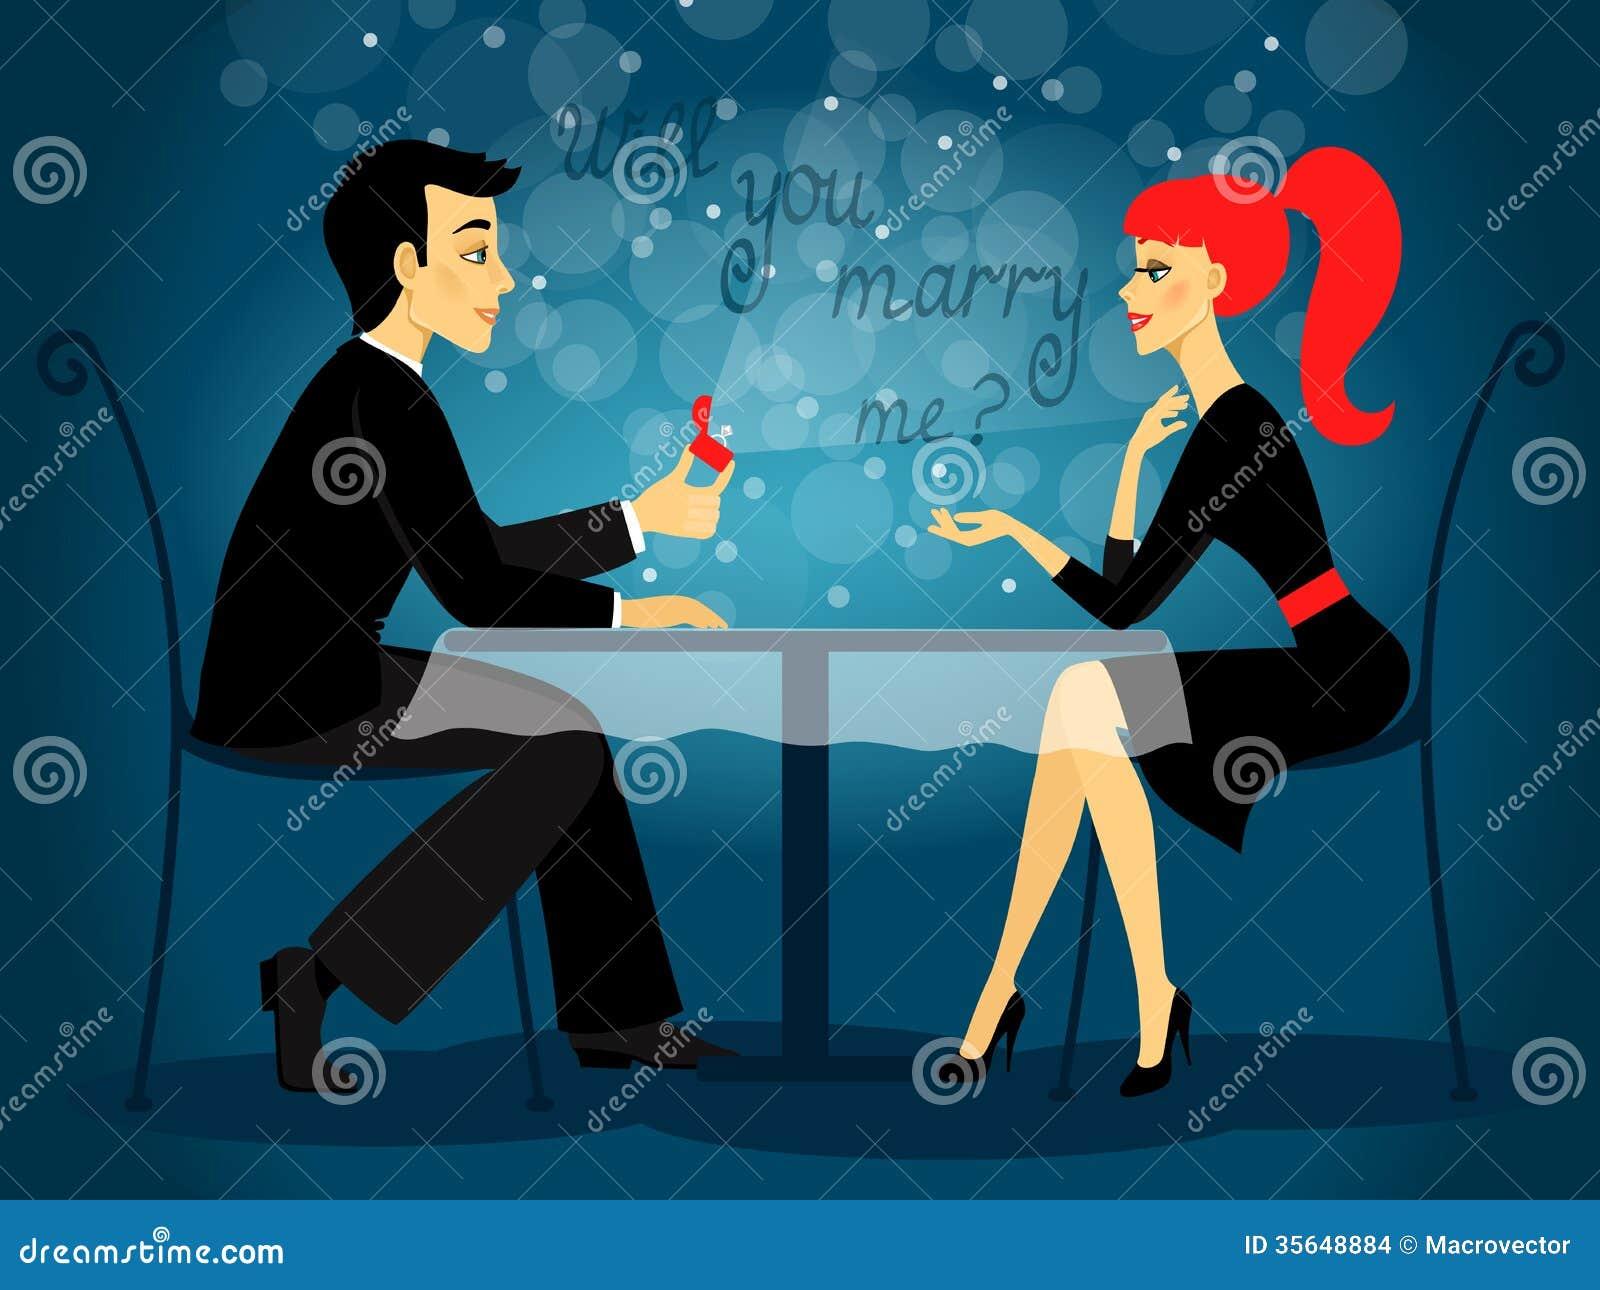 Парень сделал предложение девушке поздравления